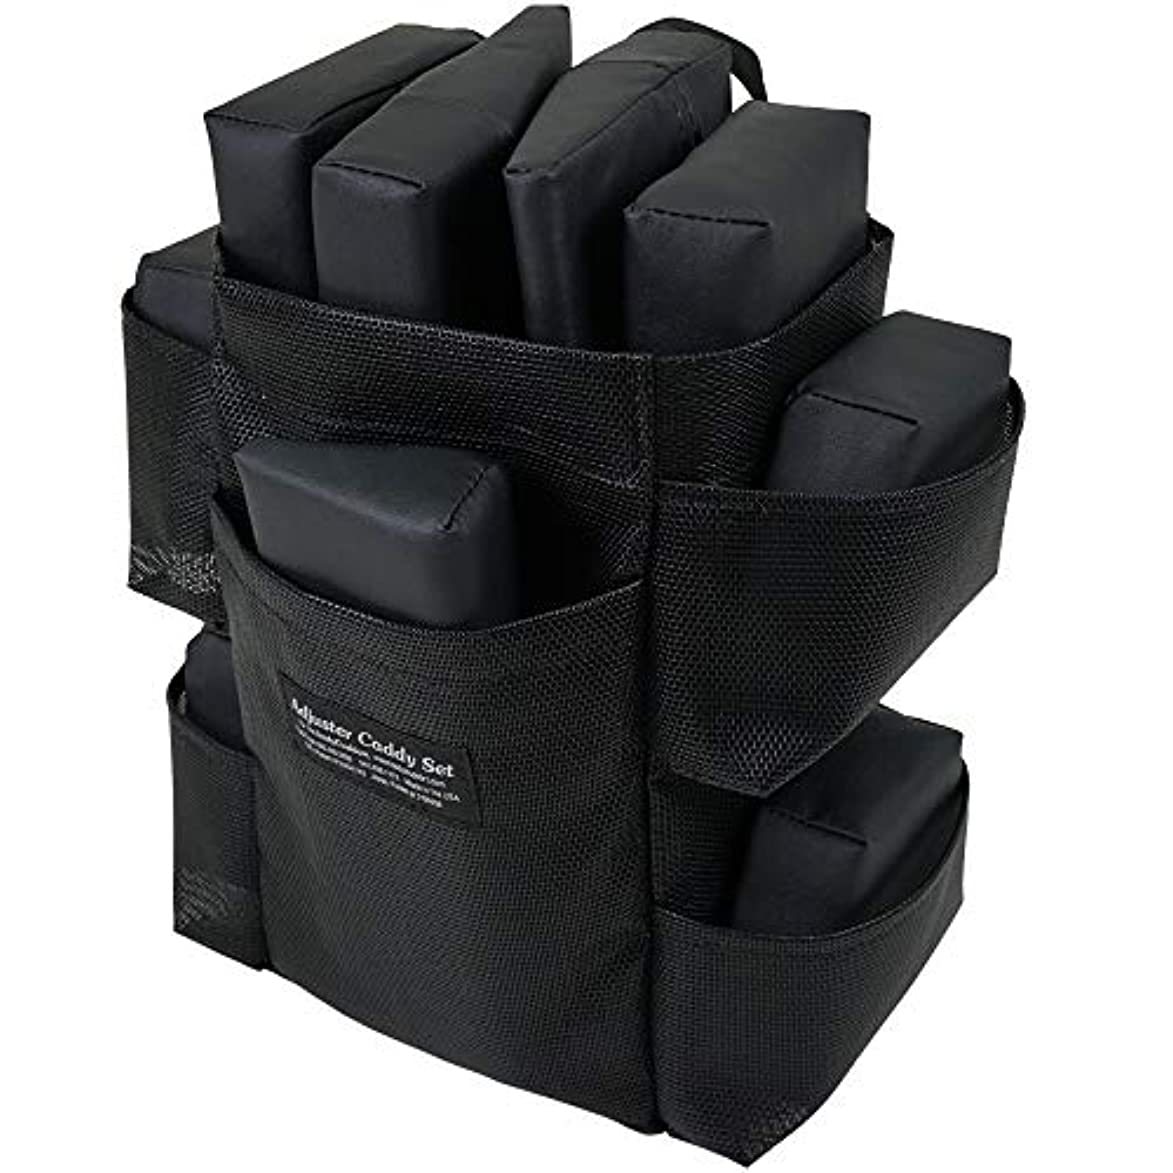 ピースバッグセット ボディークッション 用 の エクステンダーピース と アジャスターピース バッグ付き